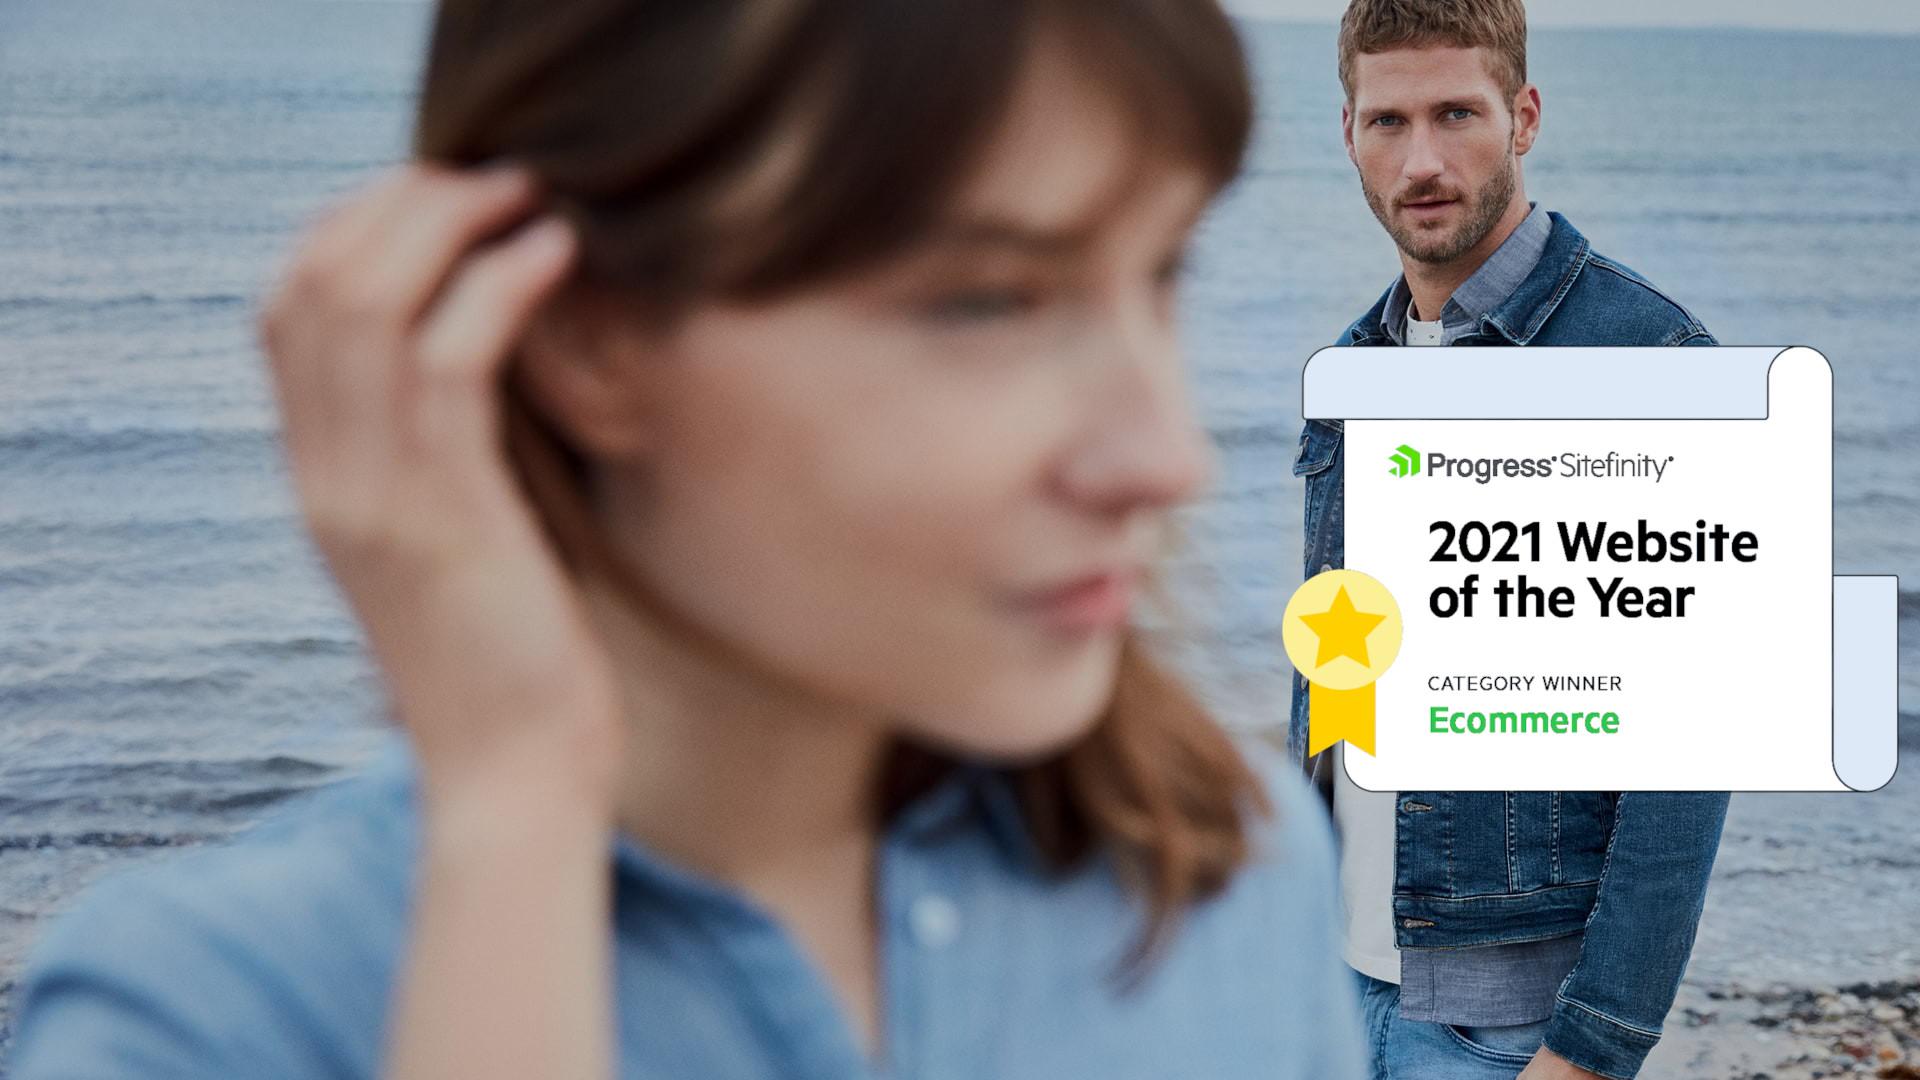 Ključni element uspeha spletne trgovine: Povezava CMS sistema in e-commerce platforme